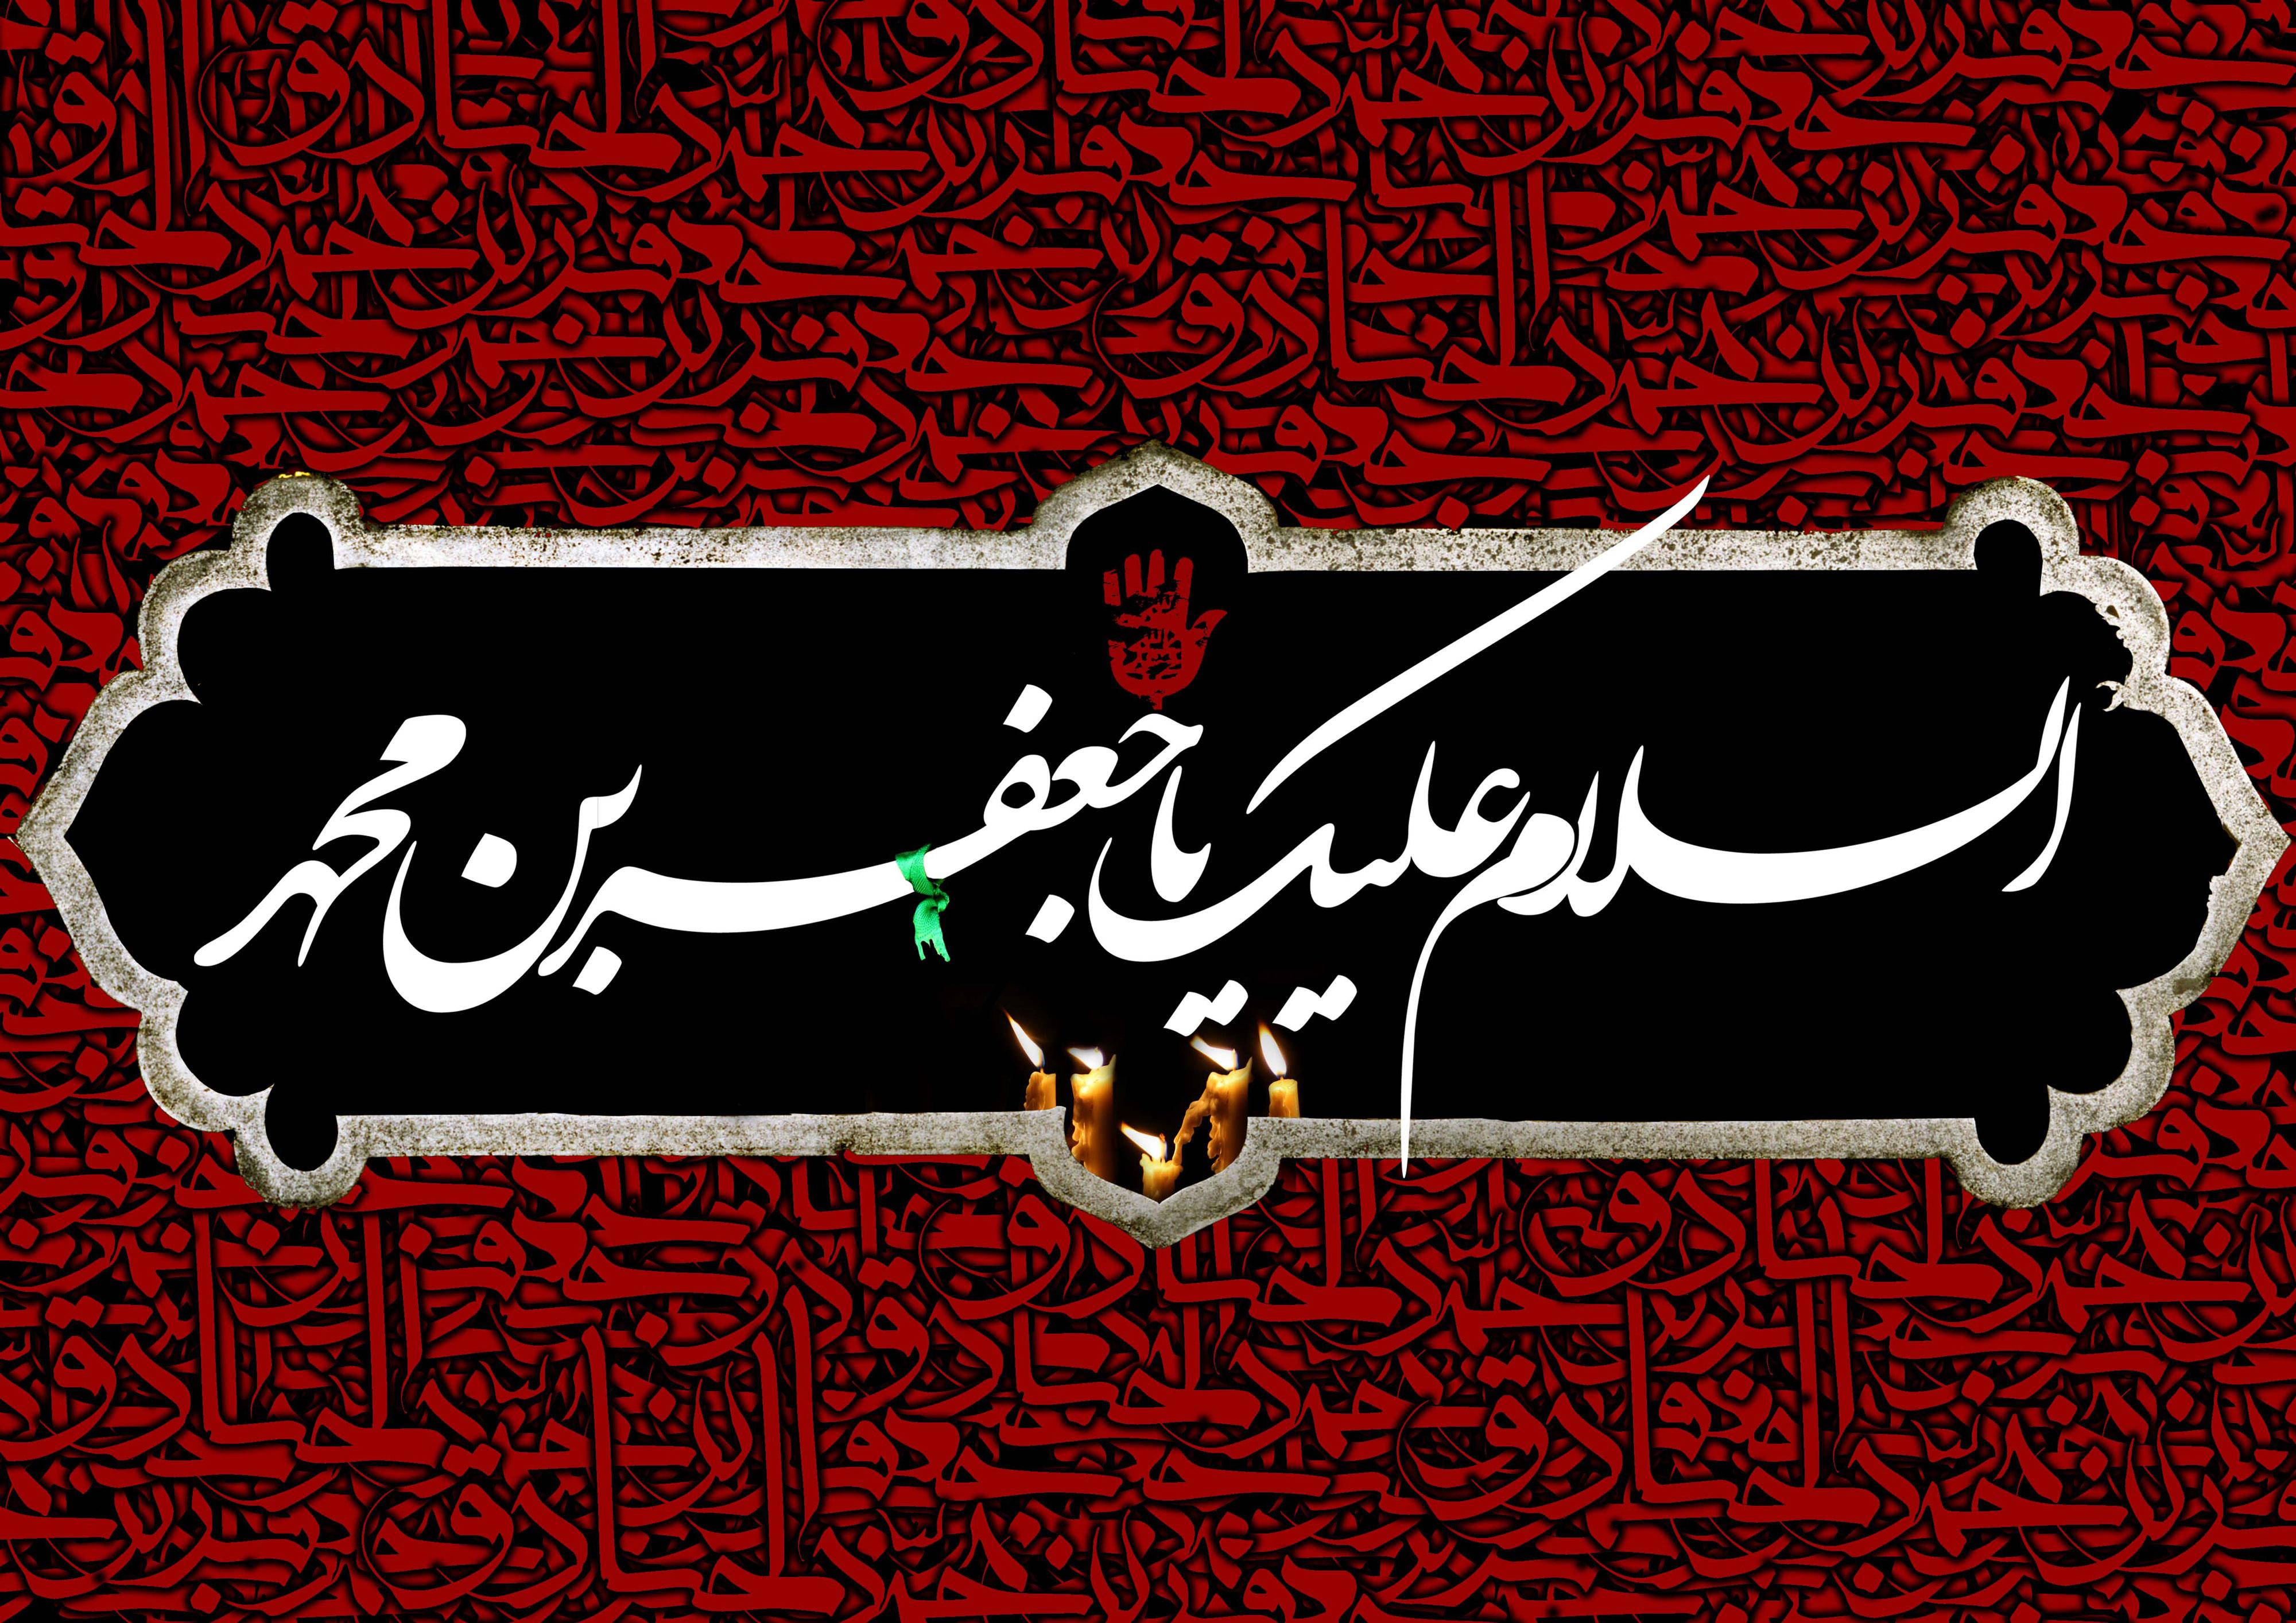 کار بزرگ امام صادق (ع) انقلاب فرهنگی بود